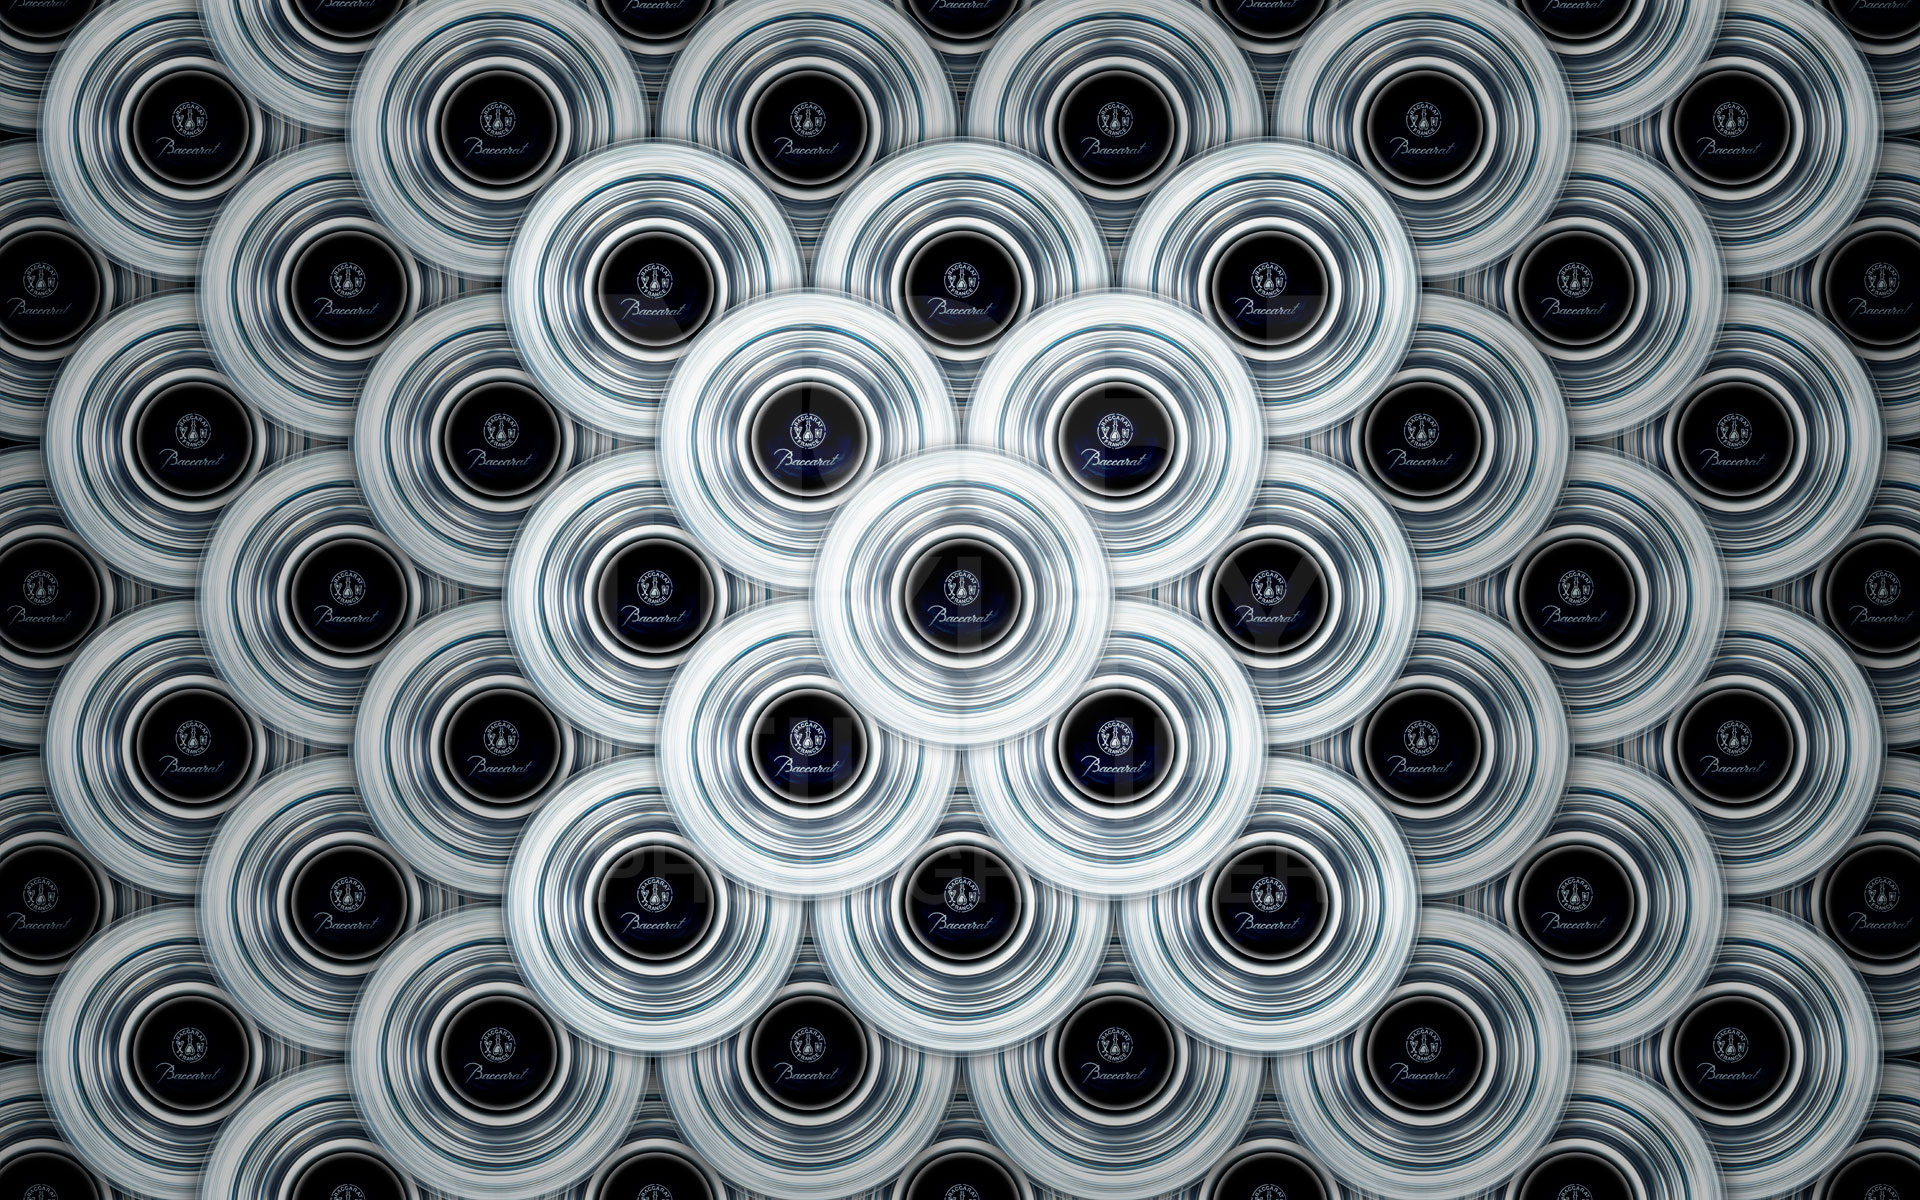 glass-31506_closeup.jpg